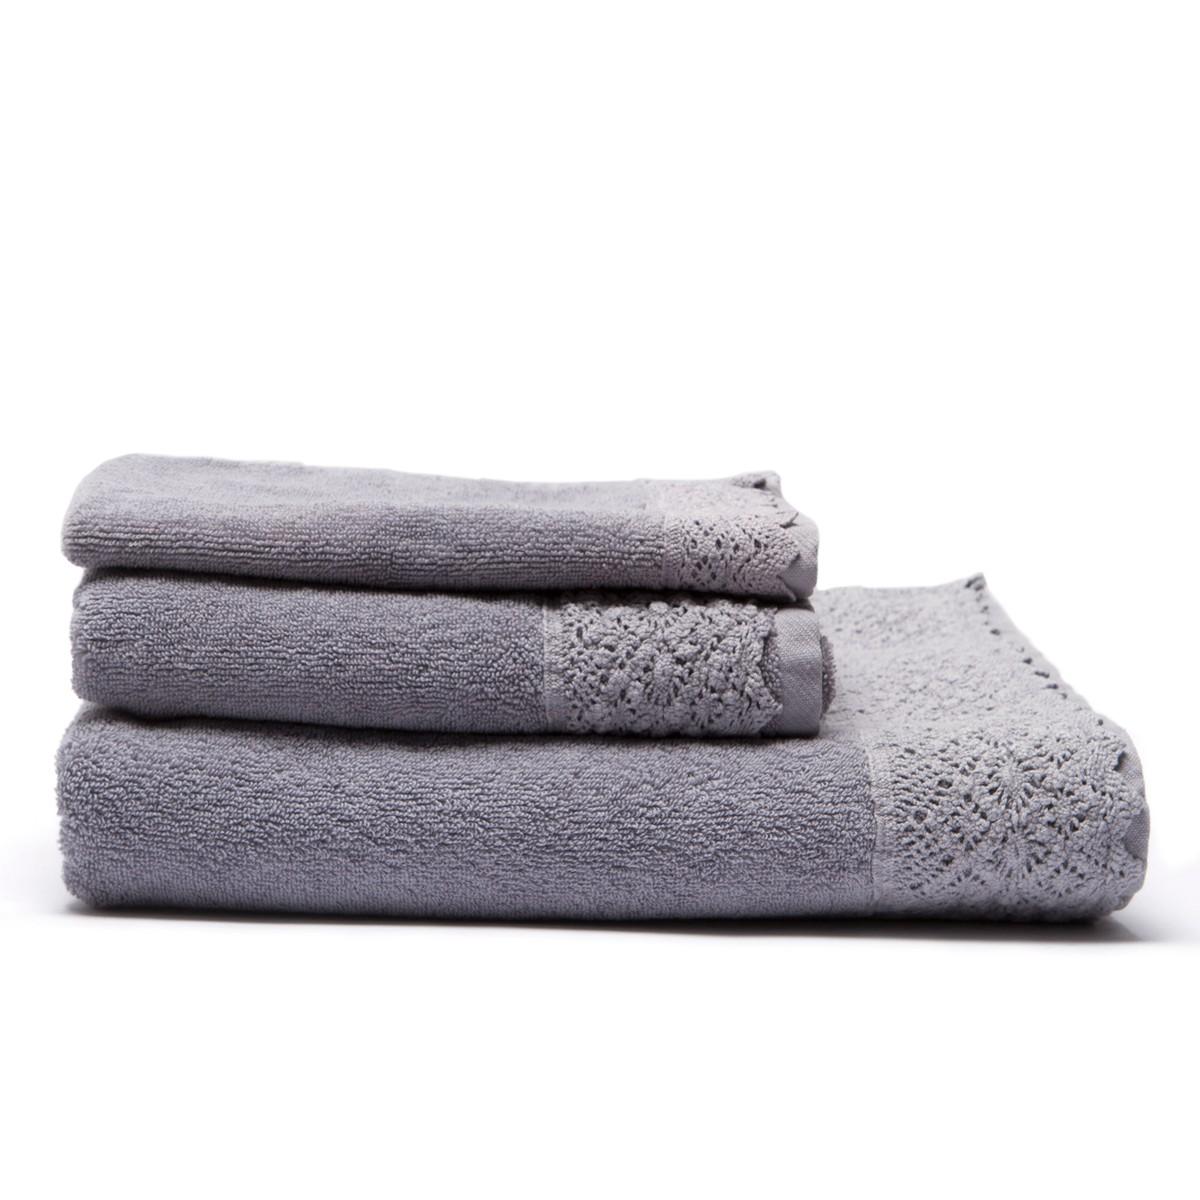 Πετσέτα Χεριών (30x50) Laura Ashley Dantelle Grey home   μπάνιο   πετσέτες μπάνιου